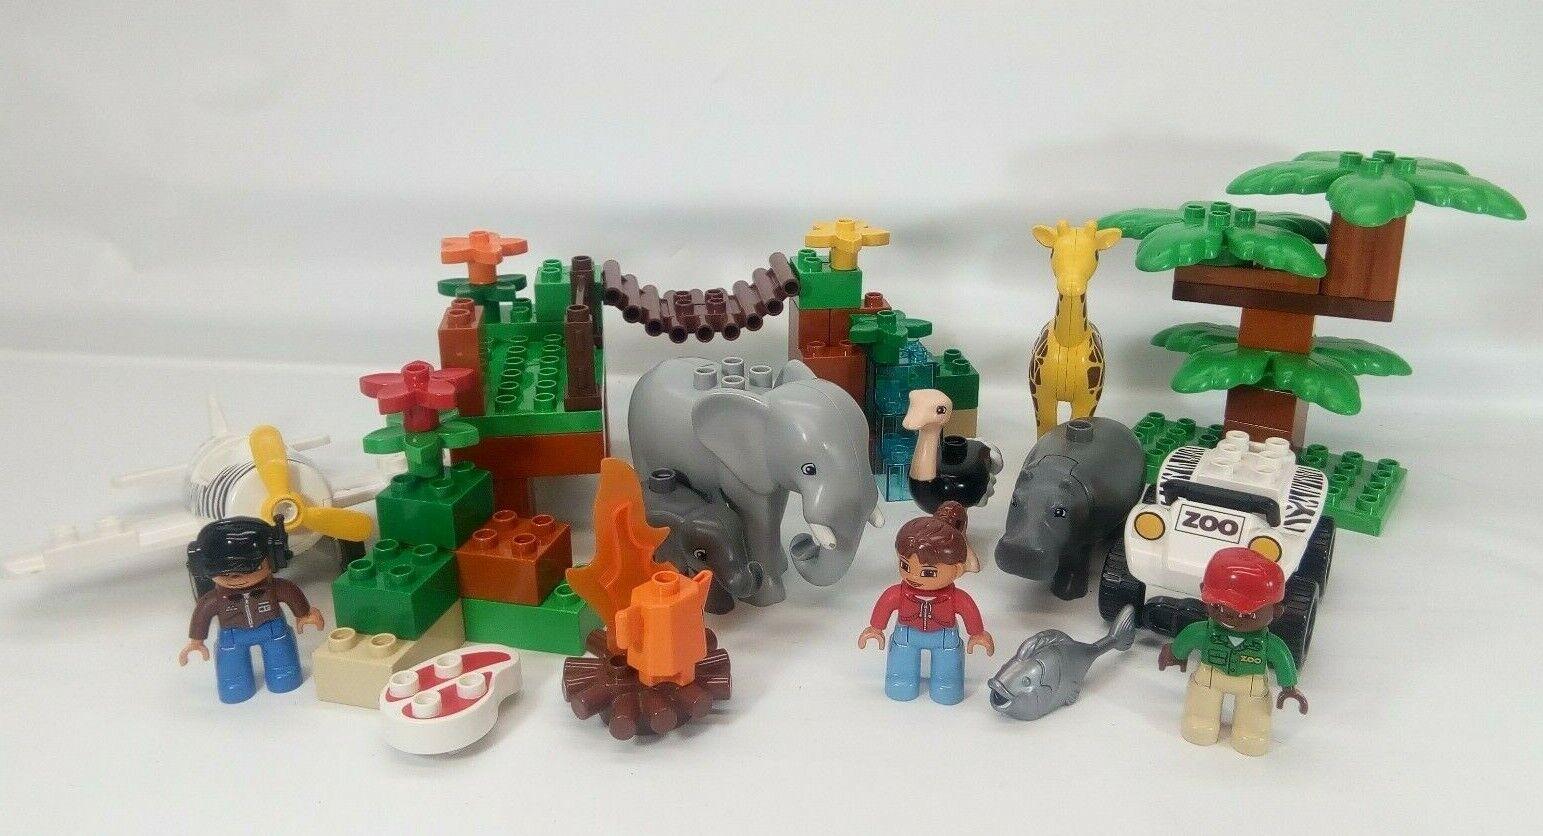 Lego Duplo  Town Pcalienteo Safari 6156 - 90% completare hippo elephants ostrich giraffe  più preferenziale